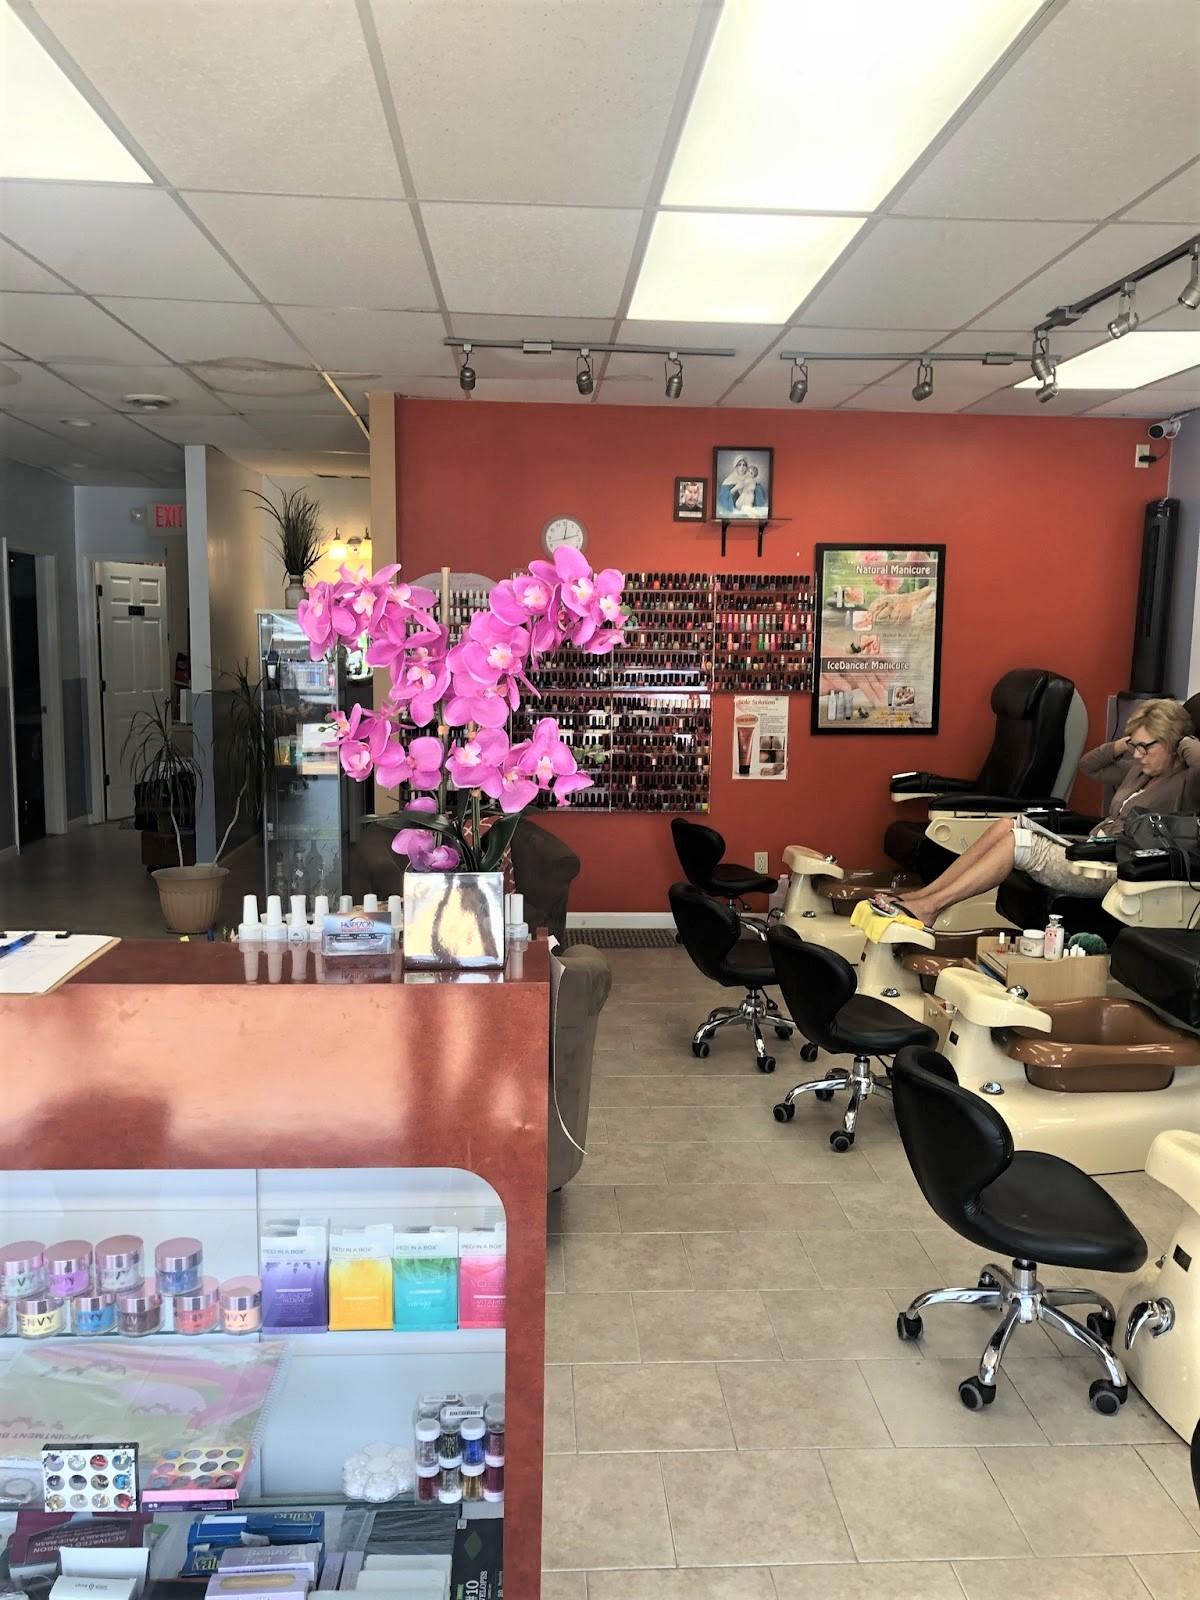 Nail salon 63141 - Nail salon in Creve Coeur - Nail care salon